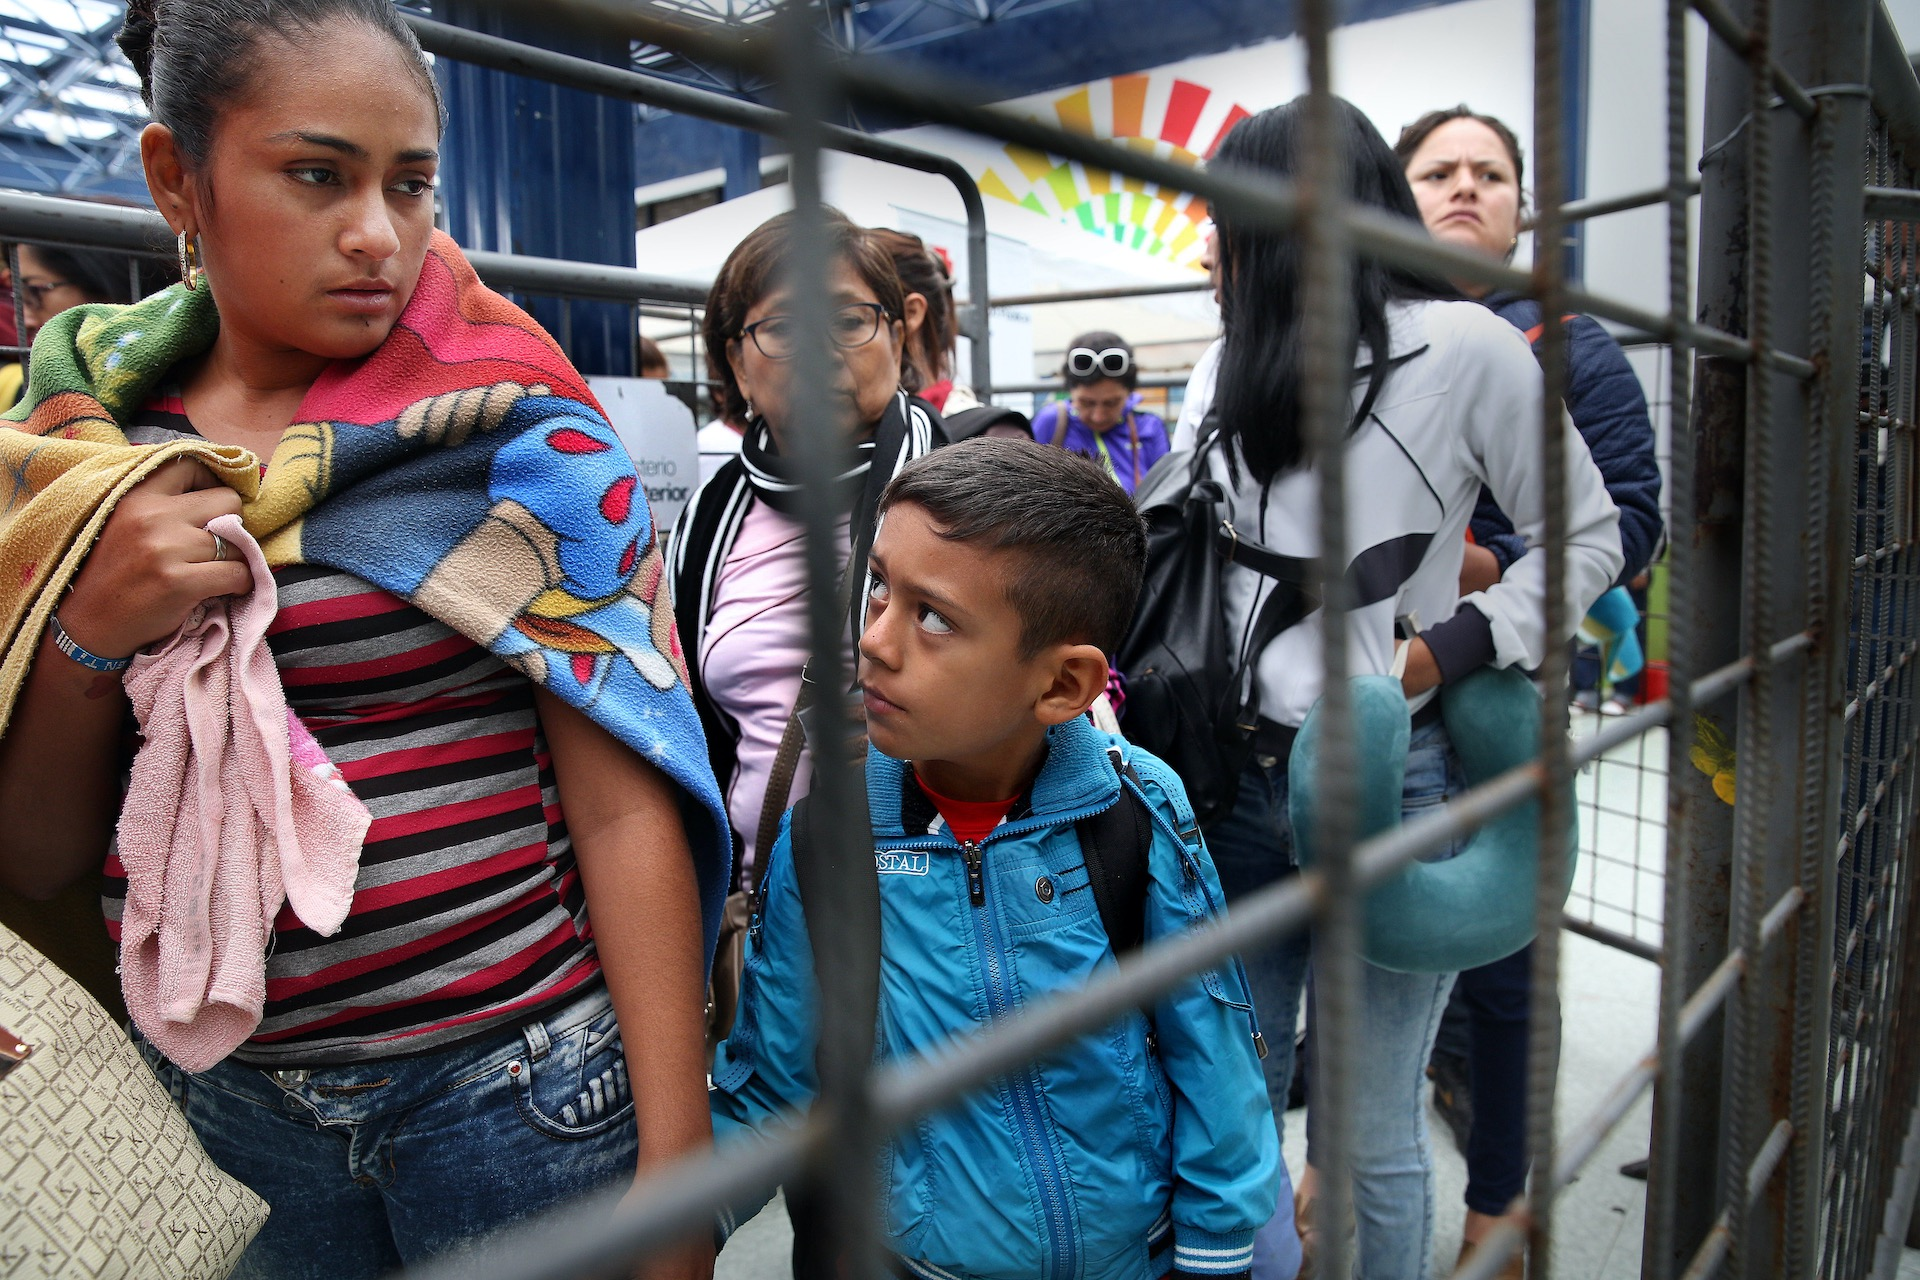 In Rumichaca, de grensovergang tussen Ecuador en Colombia, steken dagelijks honderden mensen de grens over, vaak net gevlucht uit Venezuela en heel Colombia doorgereisd. Met de bus, liftend of te voet. Het grootste gedeelte van de vluchtelingen reizen door Equador naar Peru omdat daar meer werk is te vinden. Sommigen hebben niets meer dan een tasje met wat kleding bij zich. Veel worden onderweg beroofd van hun bezittingen. Het Rode Kruis heeft hulpposten bij de grensovergang voor de mensen die totaal uitgeput zijn. De hulporganisatie zorgt hier voor schoon drinkwater, deelt toiletartikelen uit, verleent eerste hulp en helpt bij contactherstel met achtergebleven familie.